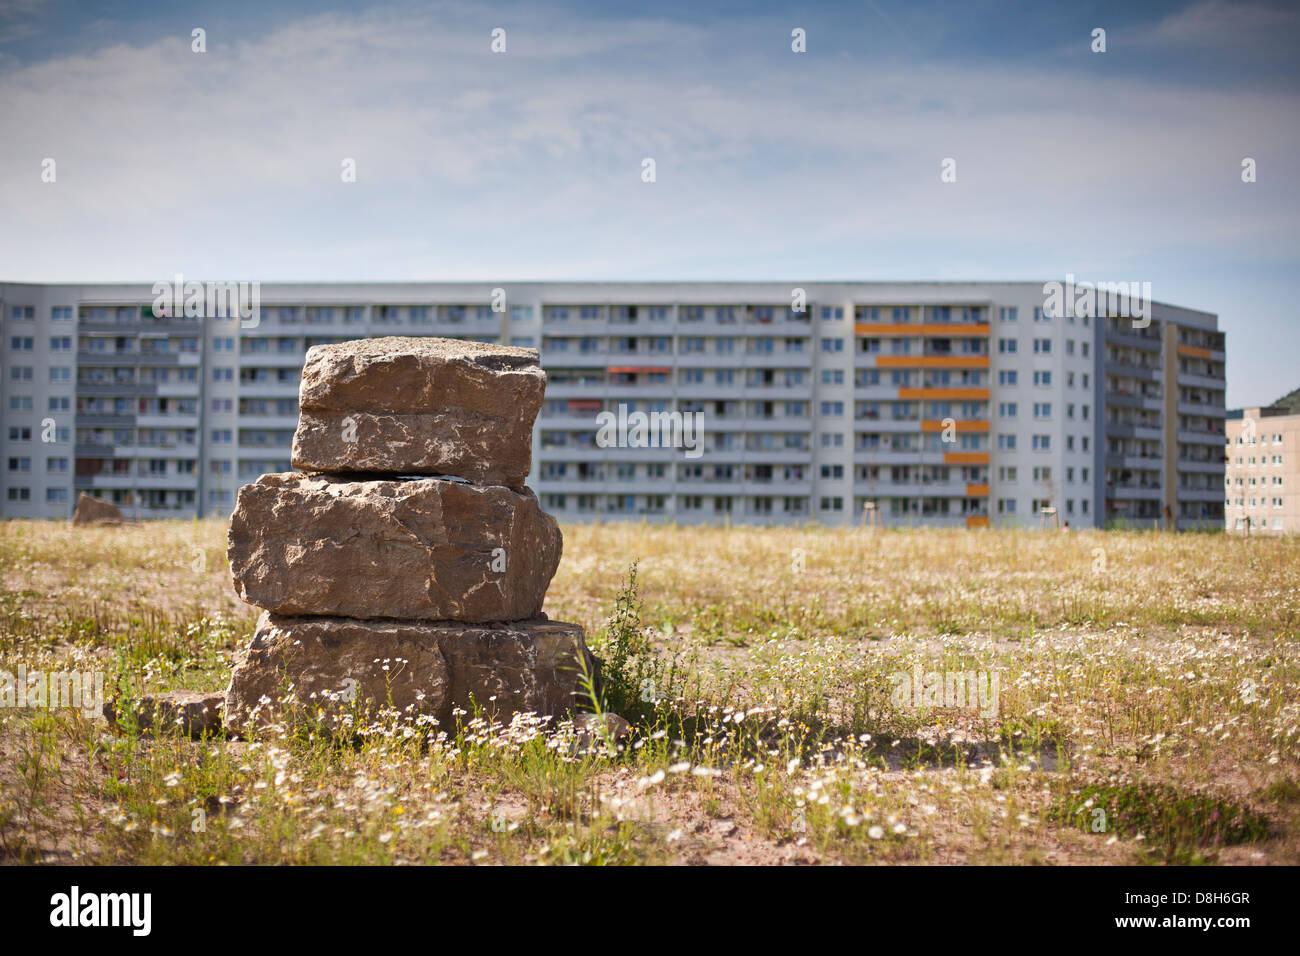 Pietre impilati nella parte anteriore delle costruzioni prefabbricate, Jena, Turingia, Germania Immagini Stock